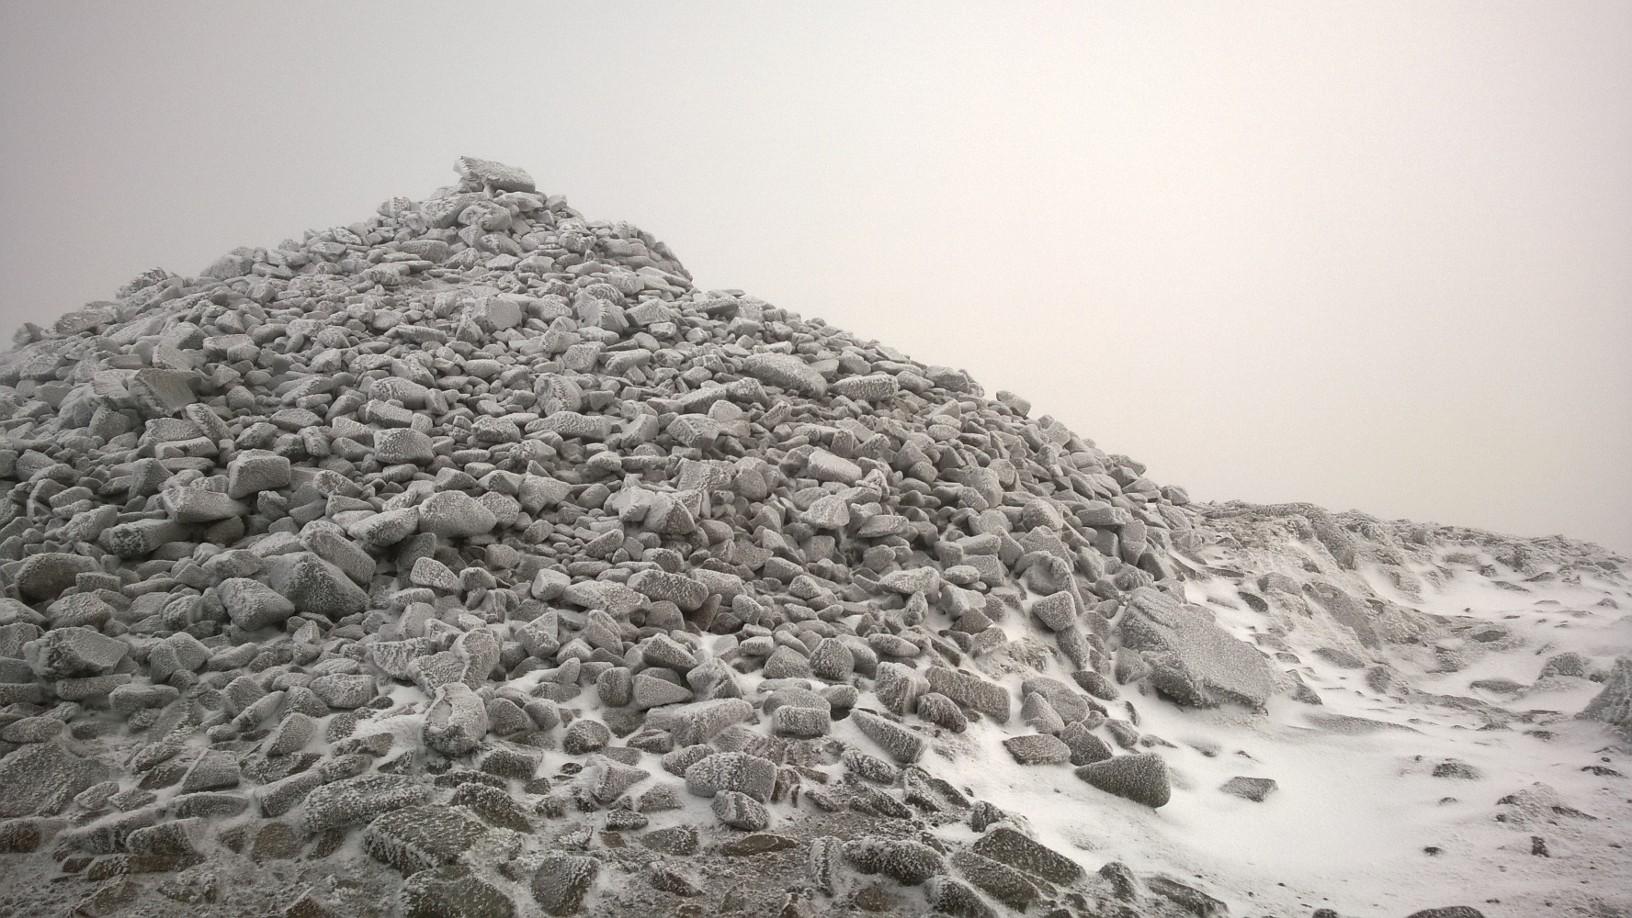 Donard Summit Cairn